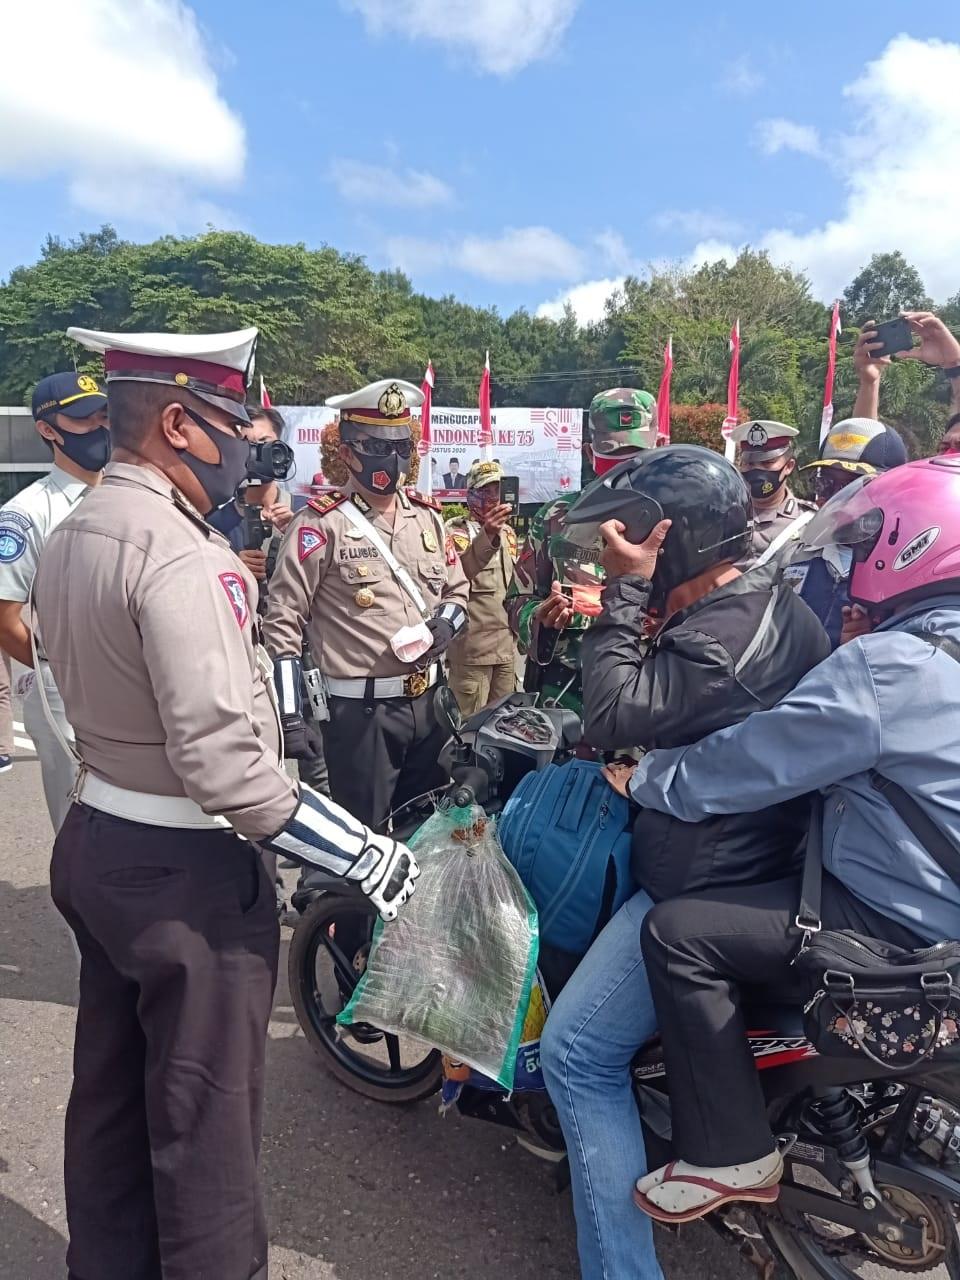 TNI, POLRI DAN SATPOL PP HADANG PENGENDARA, ADA APA? 1